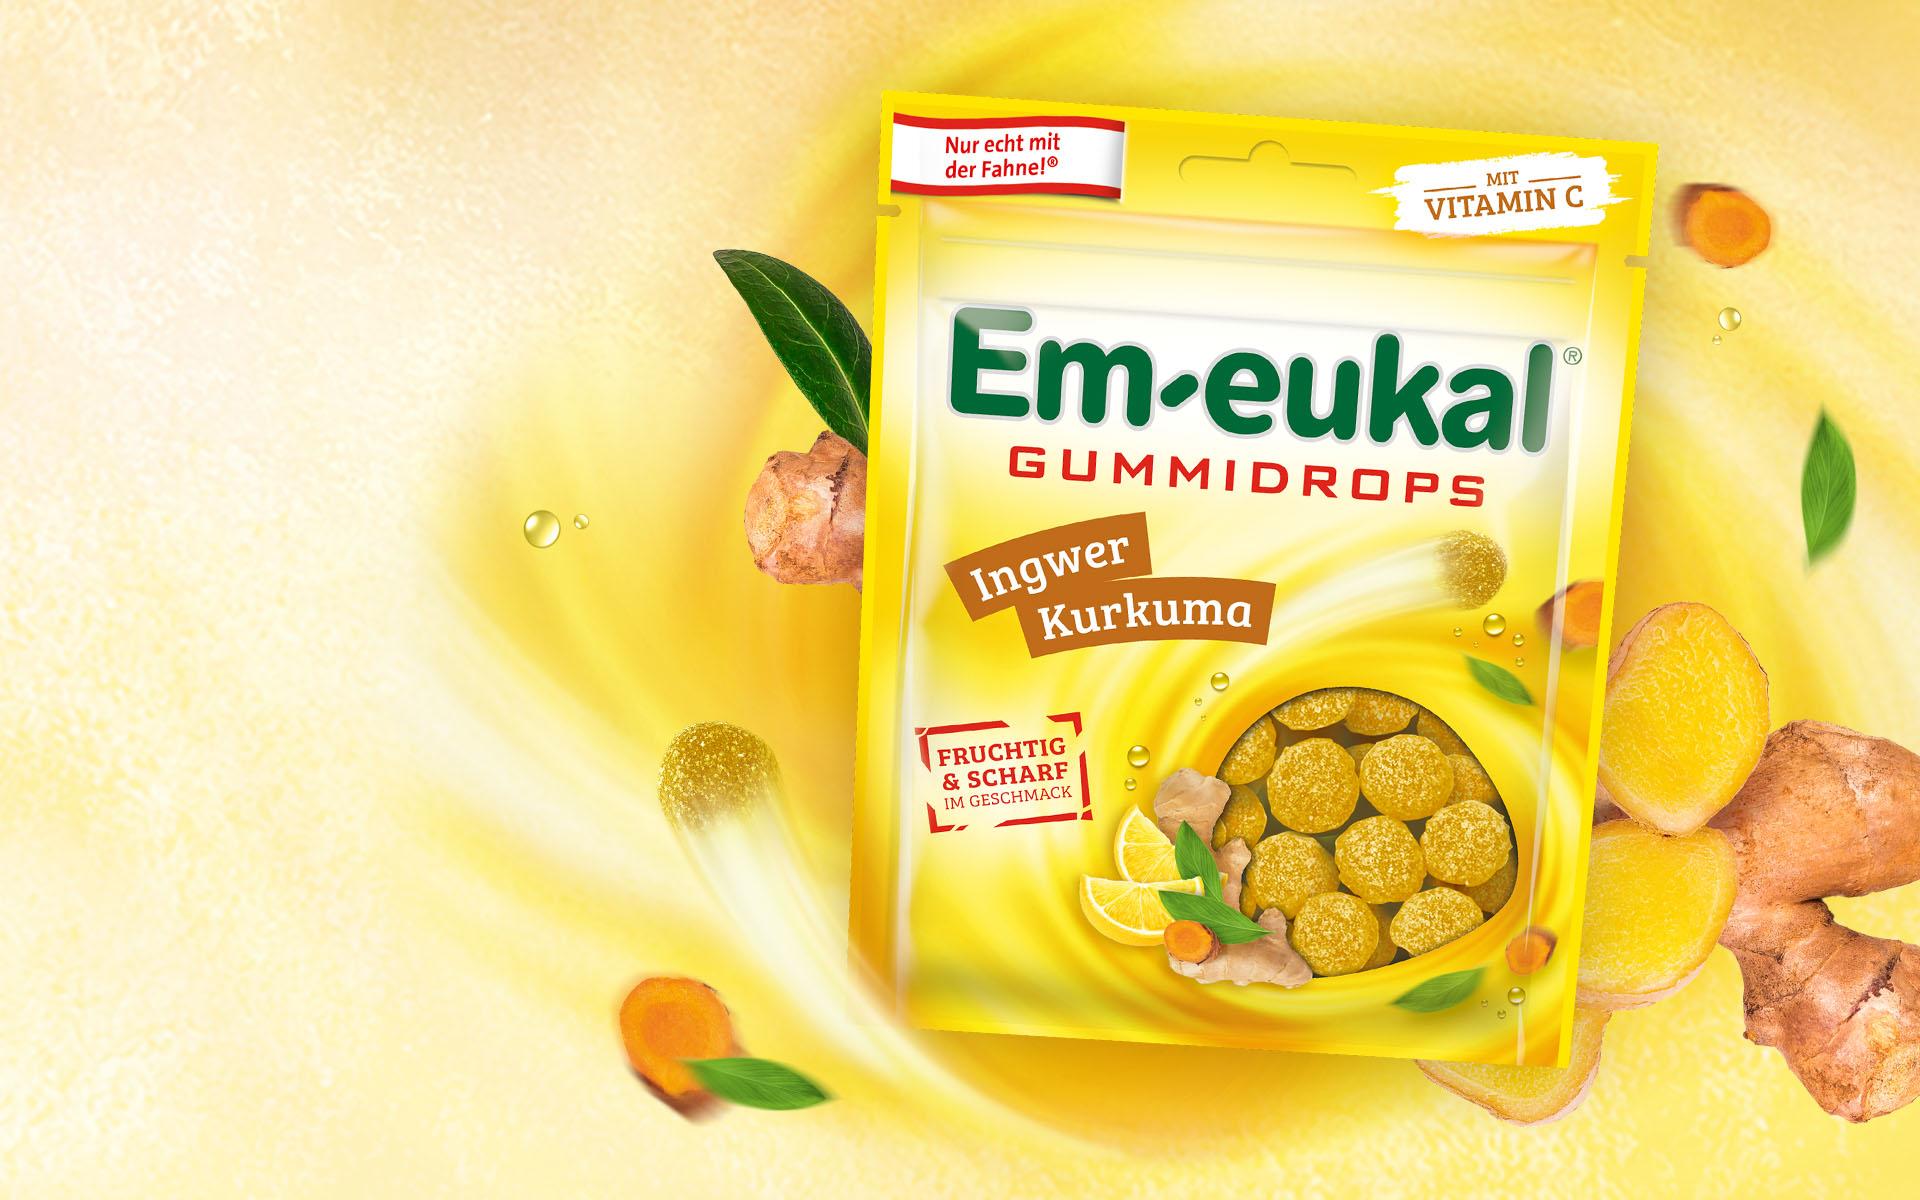 Em-eukal Gummidrops Inger Shot